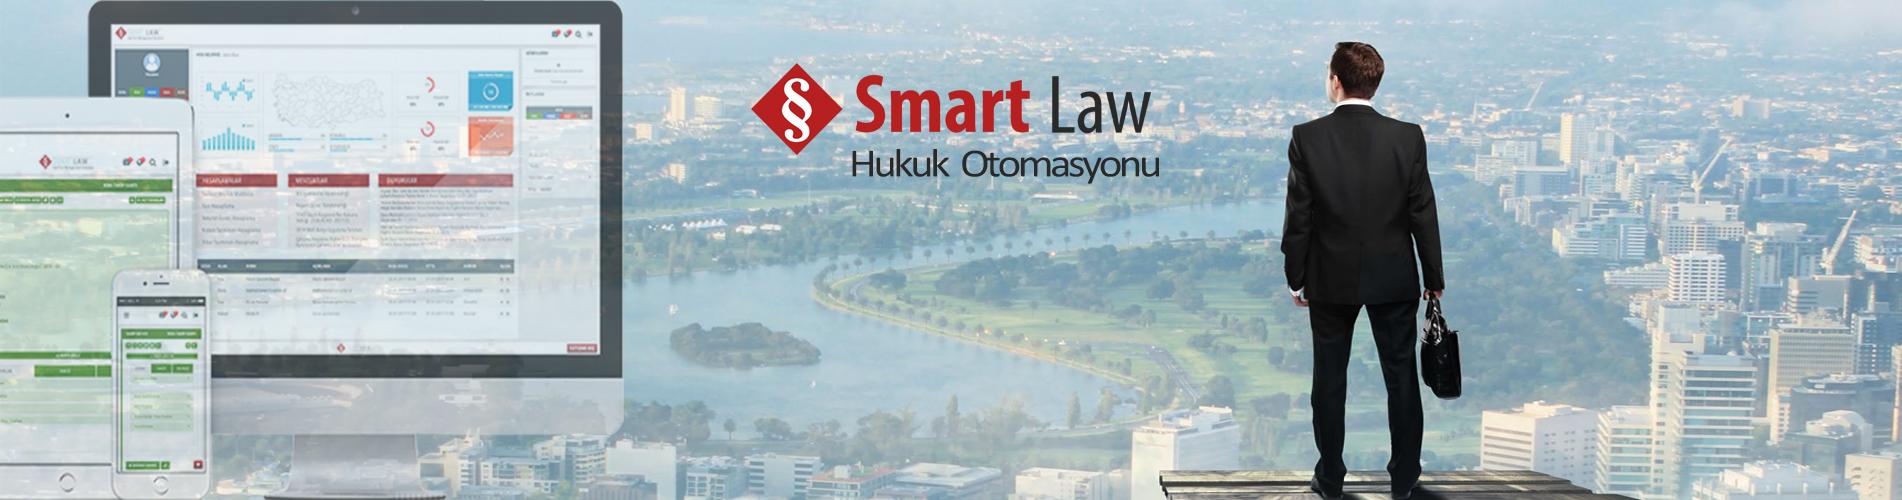 smartlaw-gorsel-tema